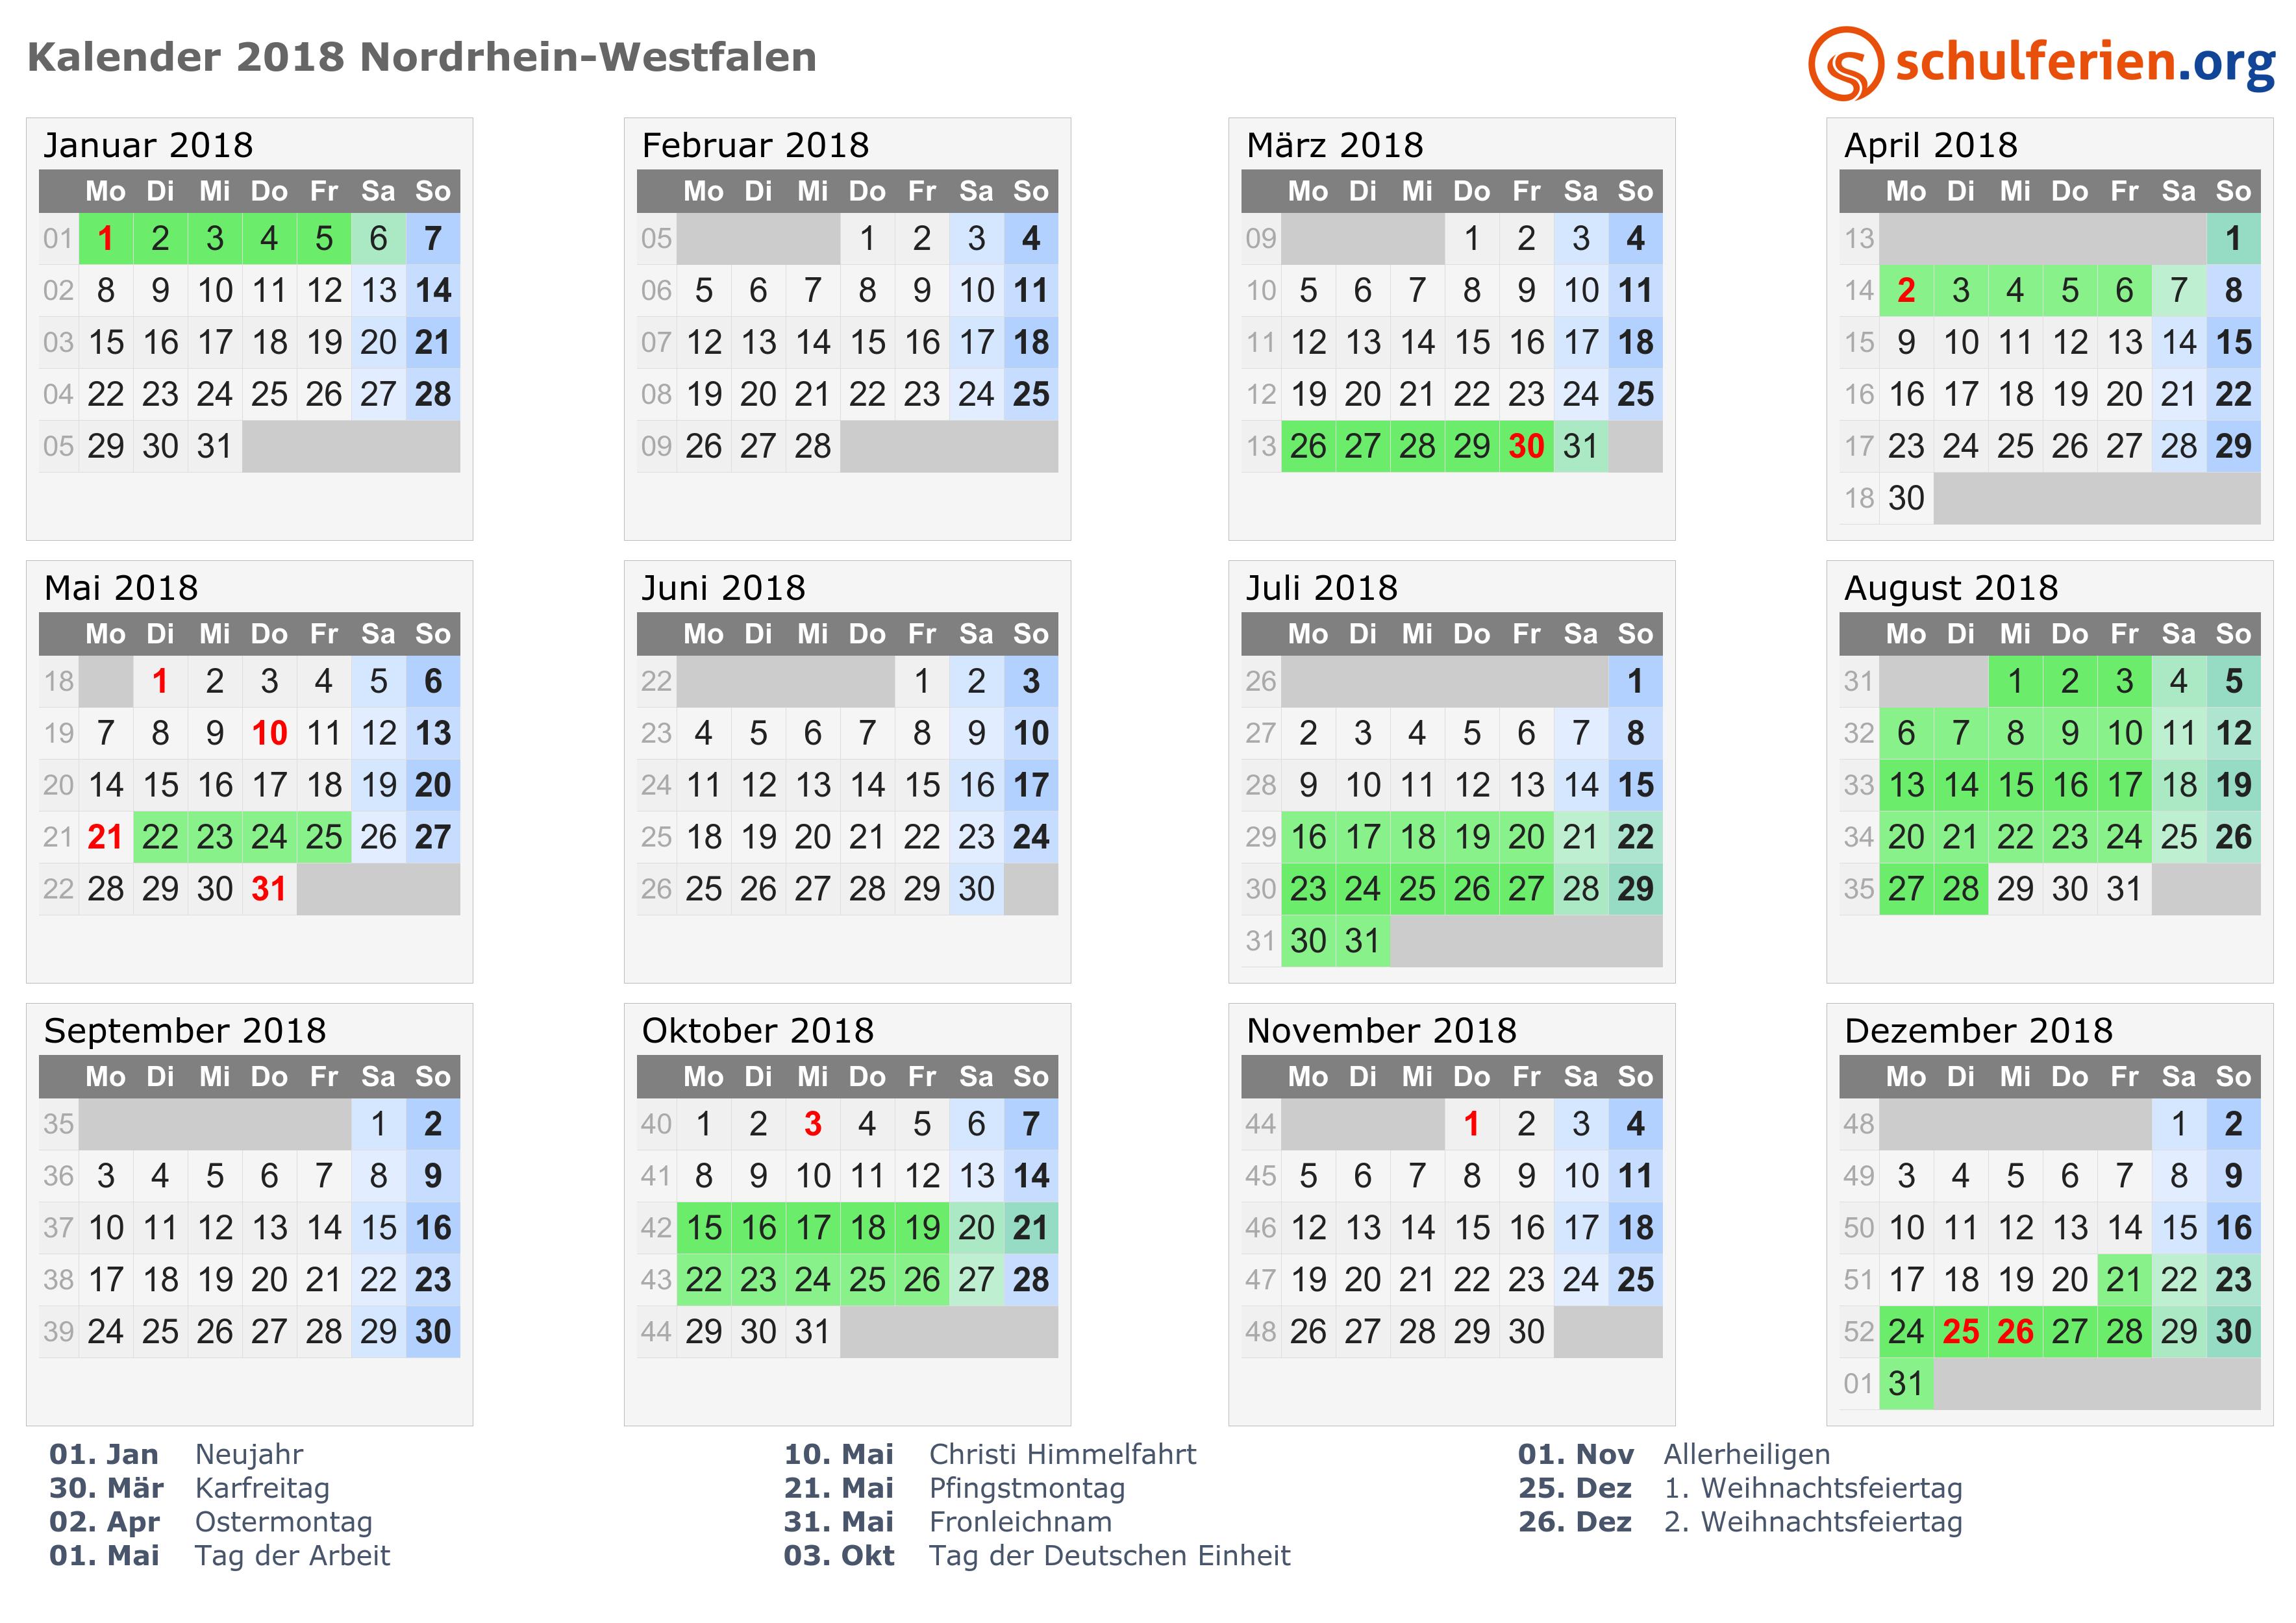 kalender 2018 ferien nordrhein westfalen feiertage. Black Bedroom Furniture Sets. Home Design Ideas